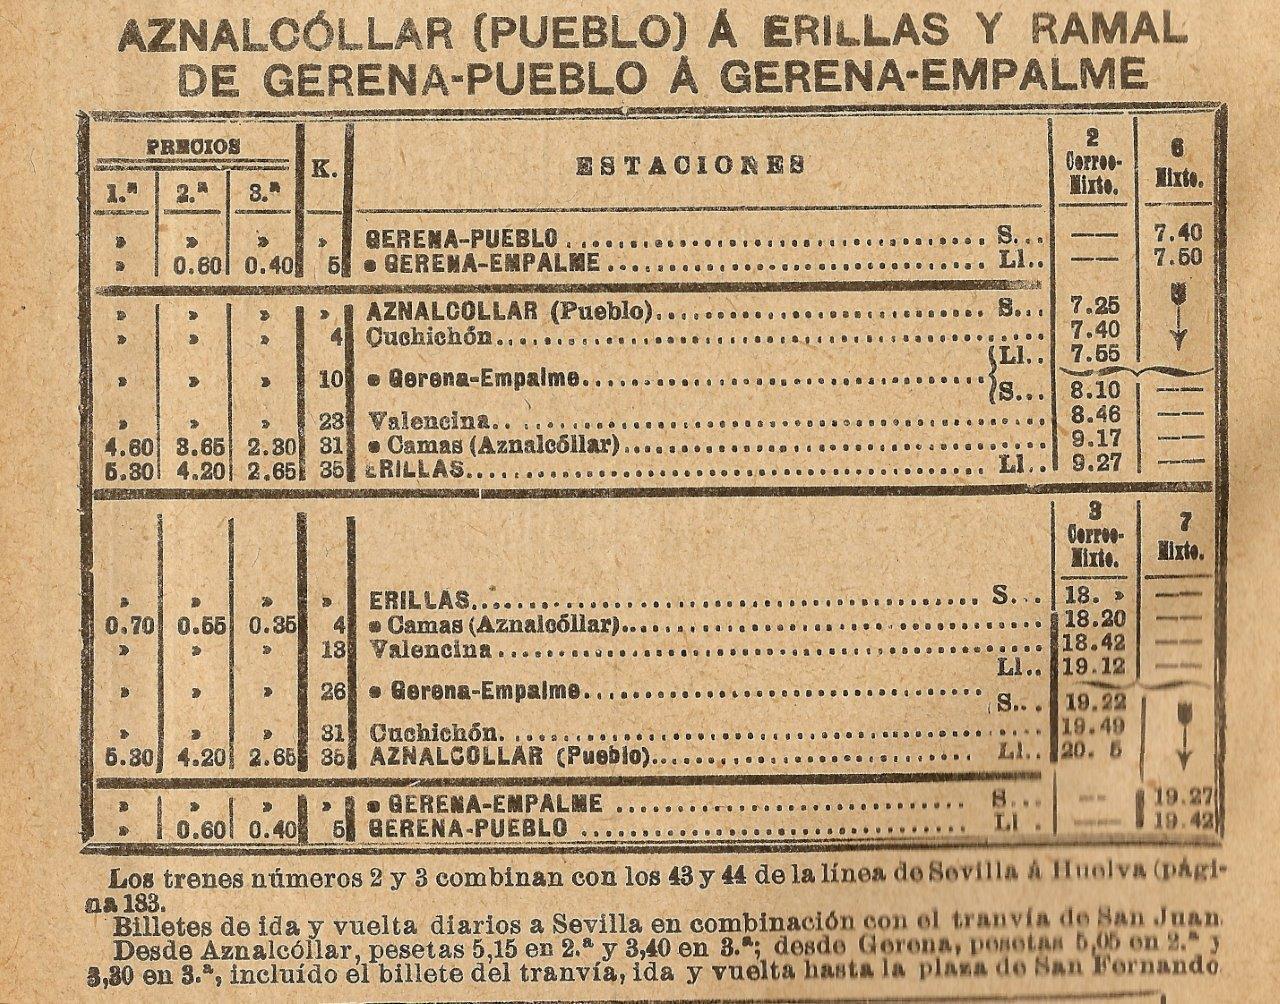 HORARIO FC AZNALCOLLAR A CAMAS EN 1929